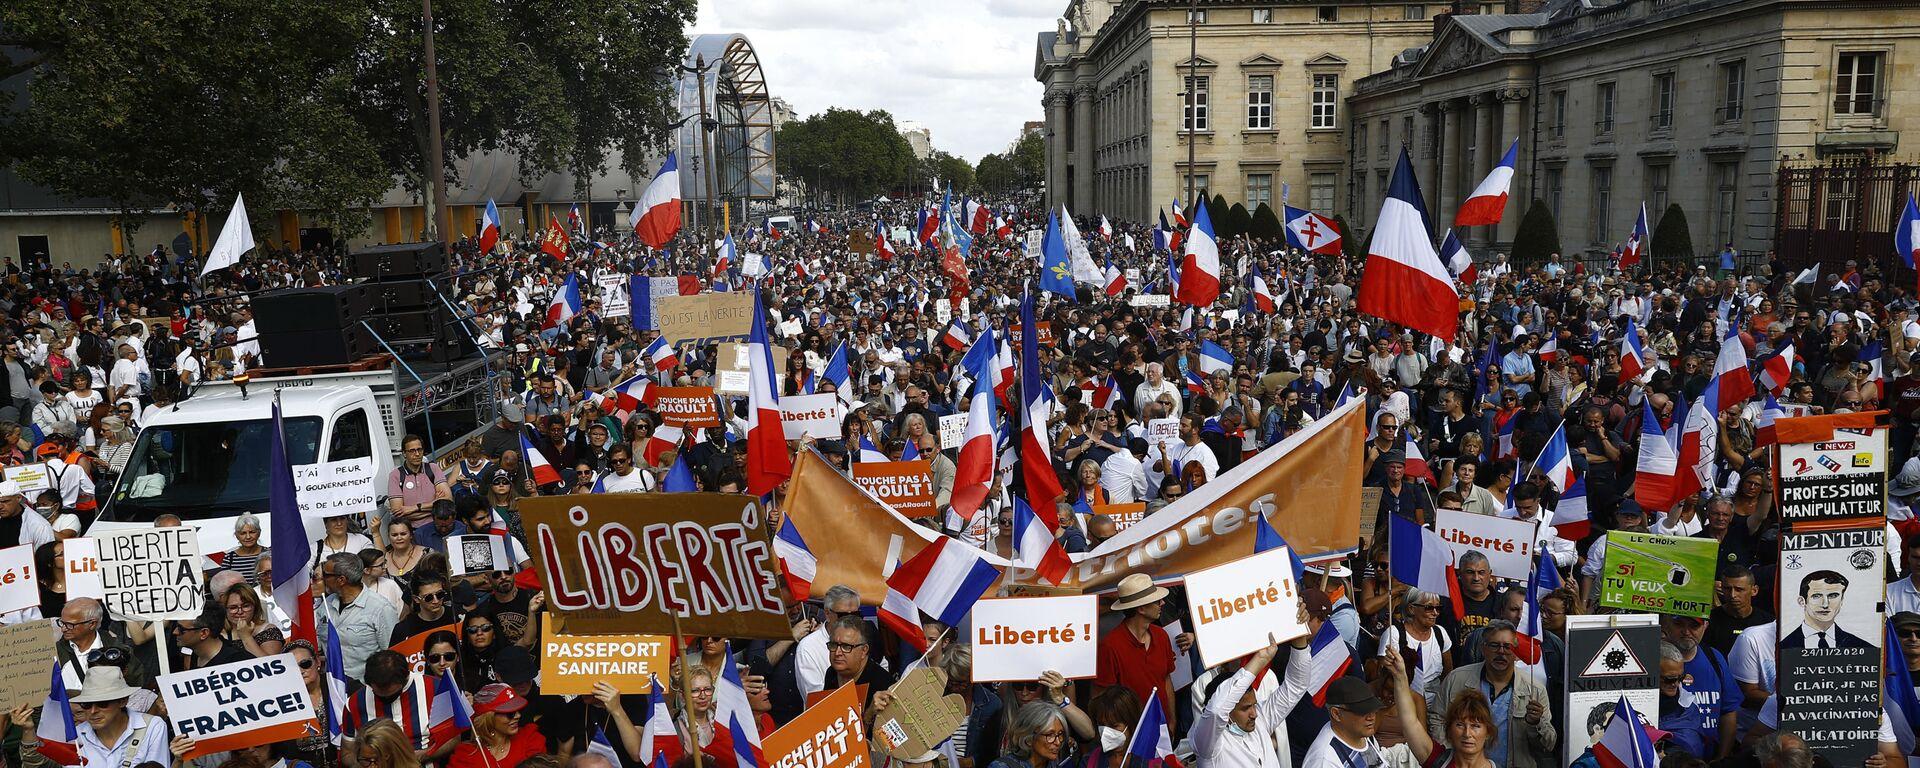 Akcja przeciwko szczepieniom i przepustkom zdrowotnym w Paryżu, Francja - Sputnik Polska, 1920, 28.08.2021